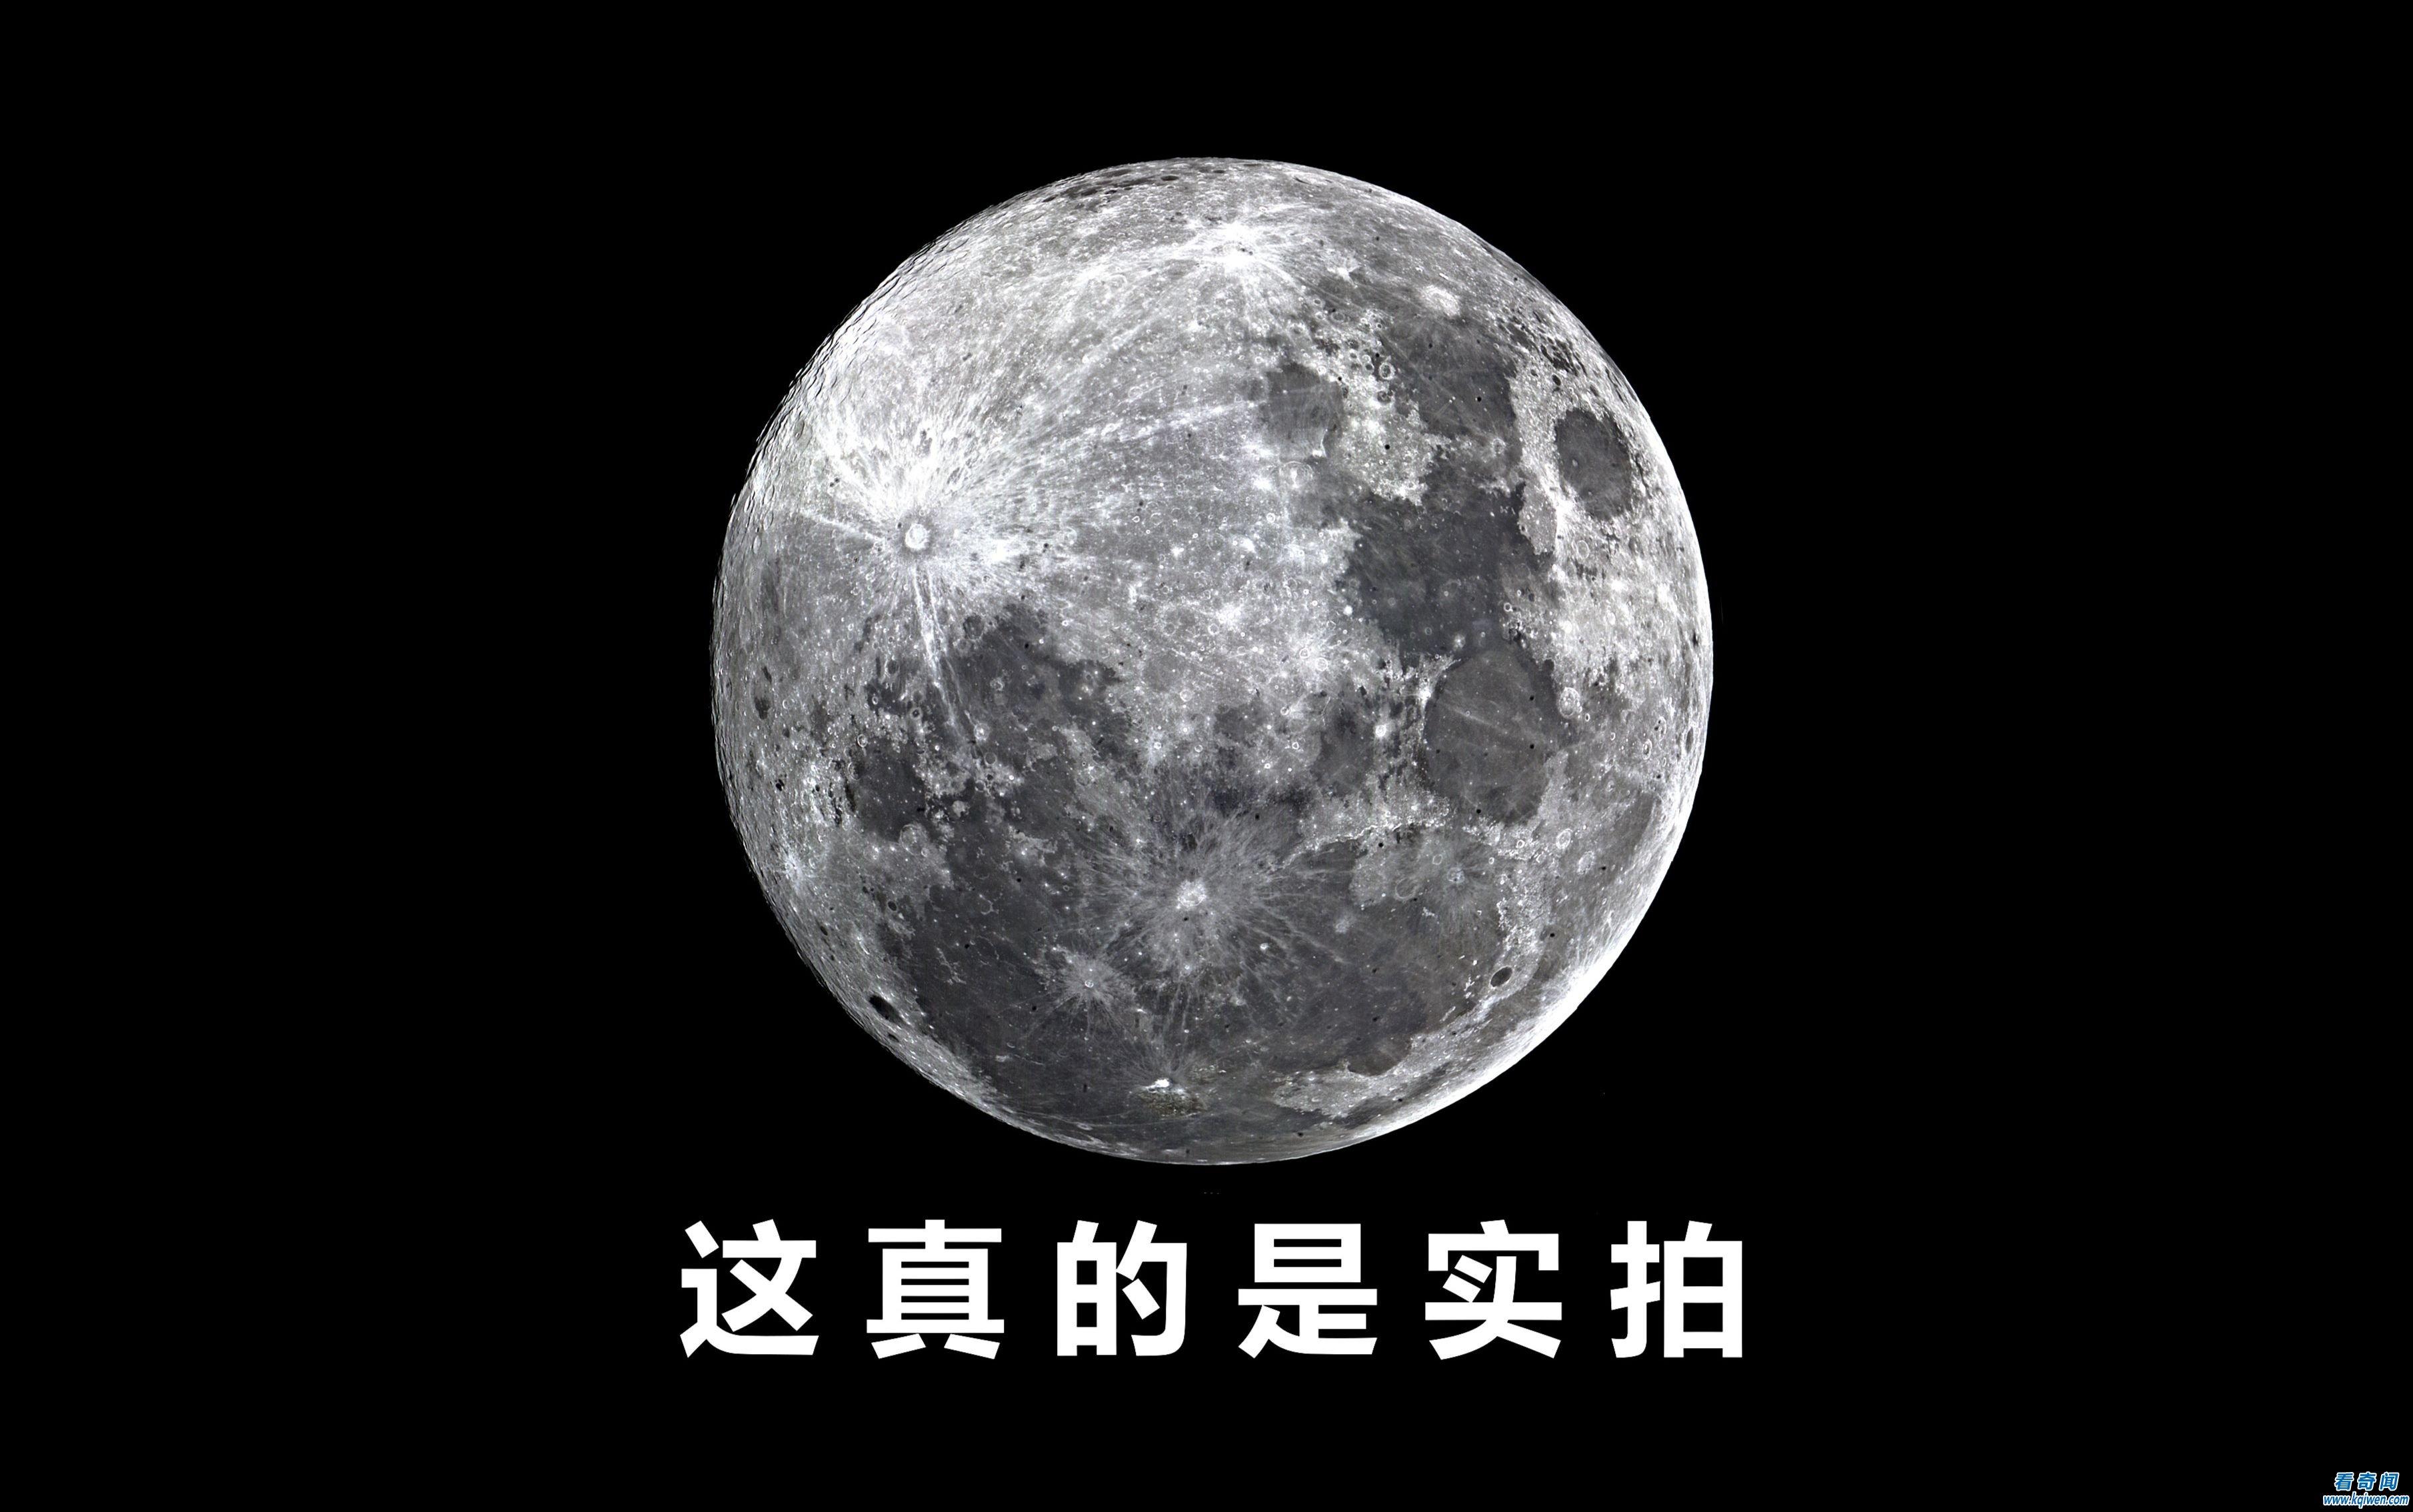 阿波罗到底有没有登上月球及月球七大未解之谜!